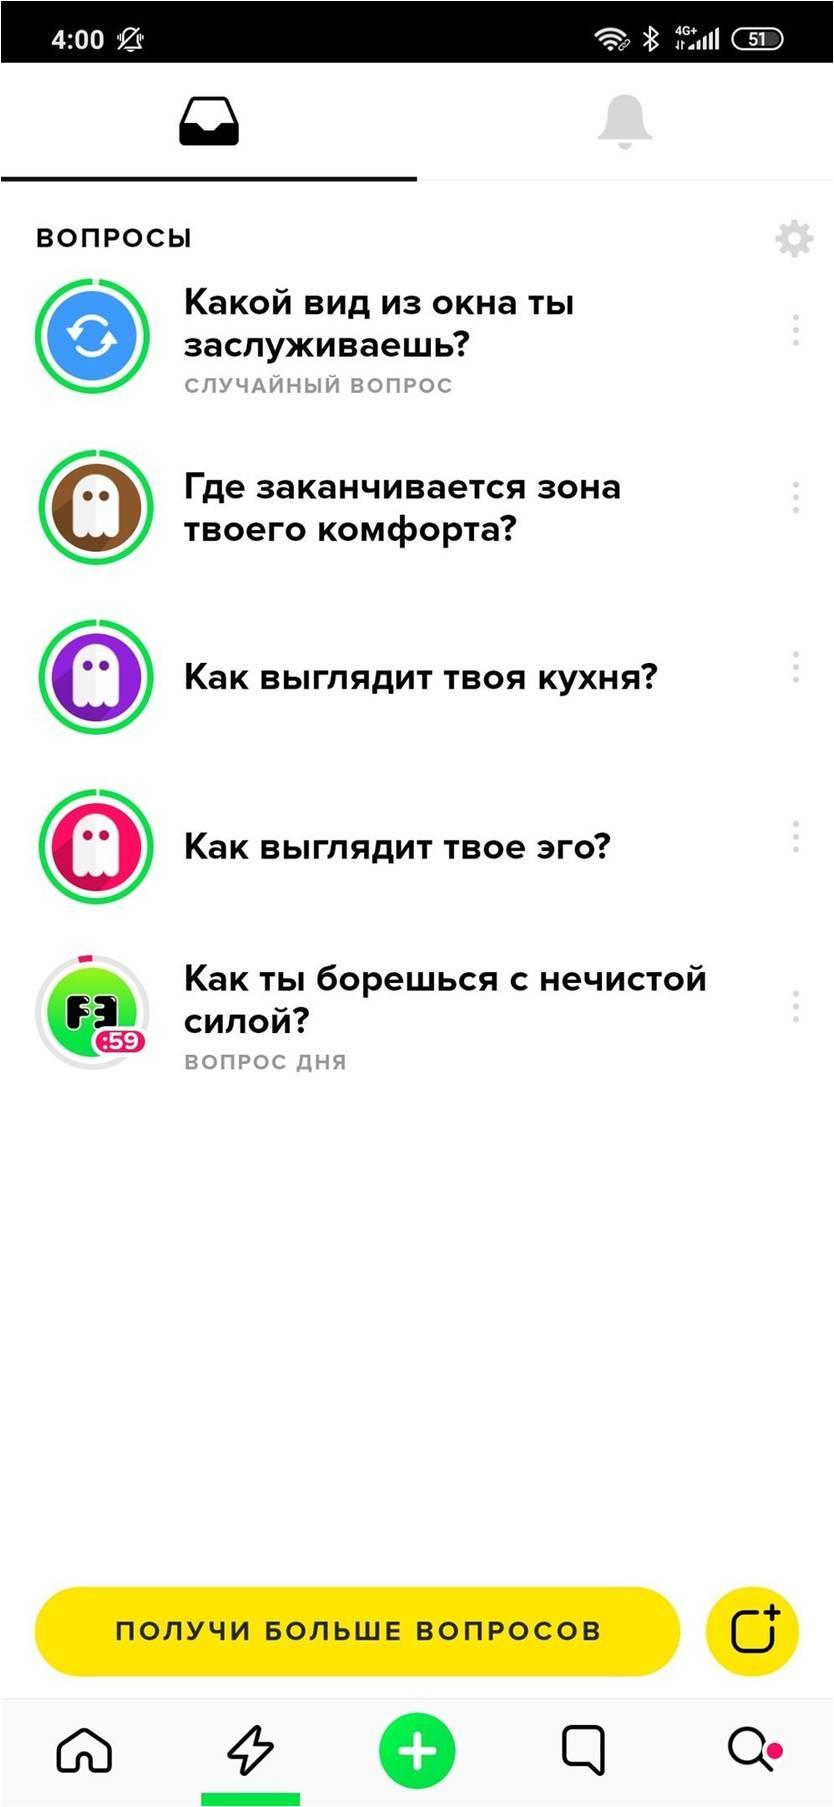 Отвечаем в Инстаграме на вопросы подписчиков и задаем им свои вопросы в сториз